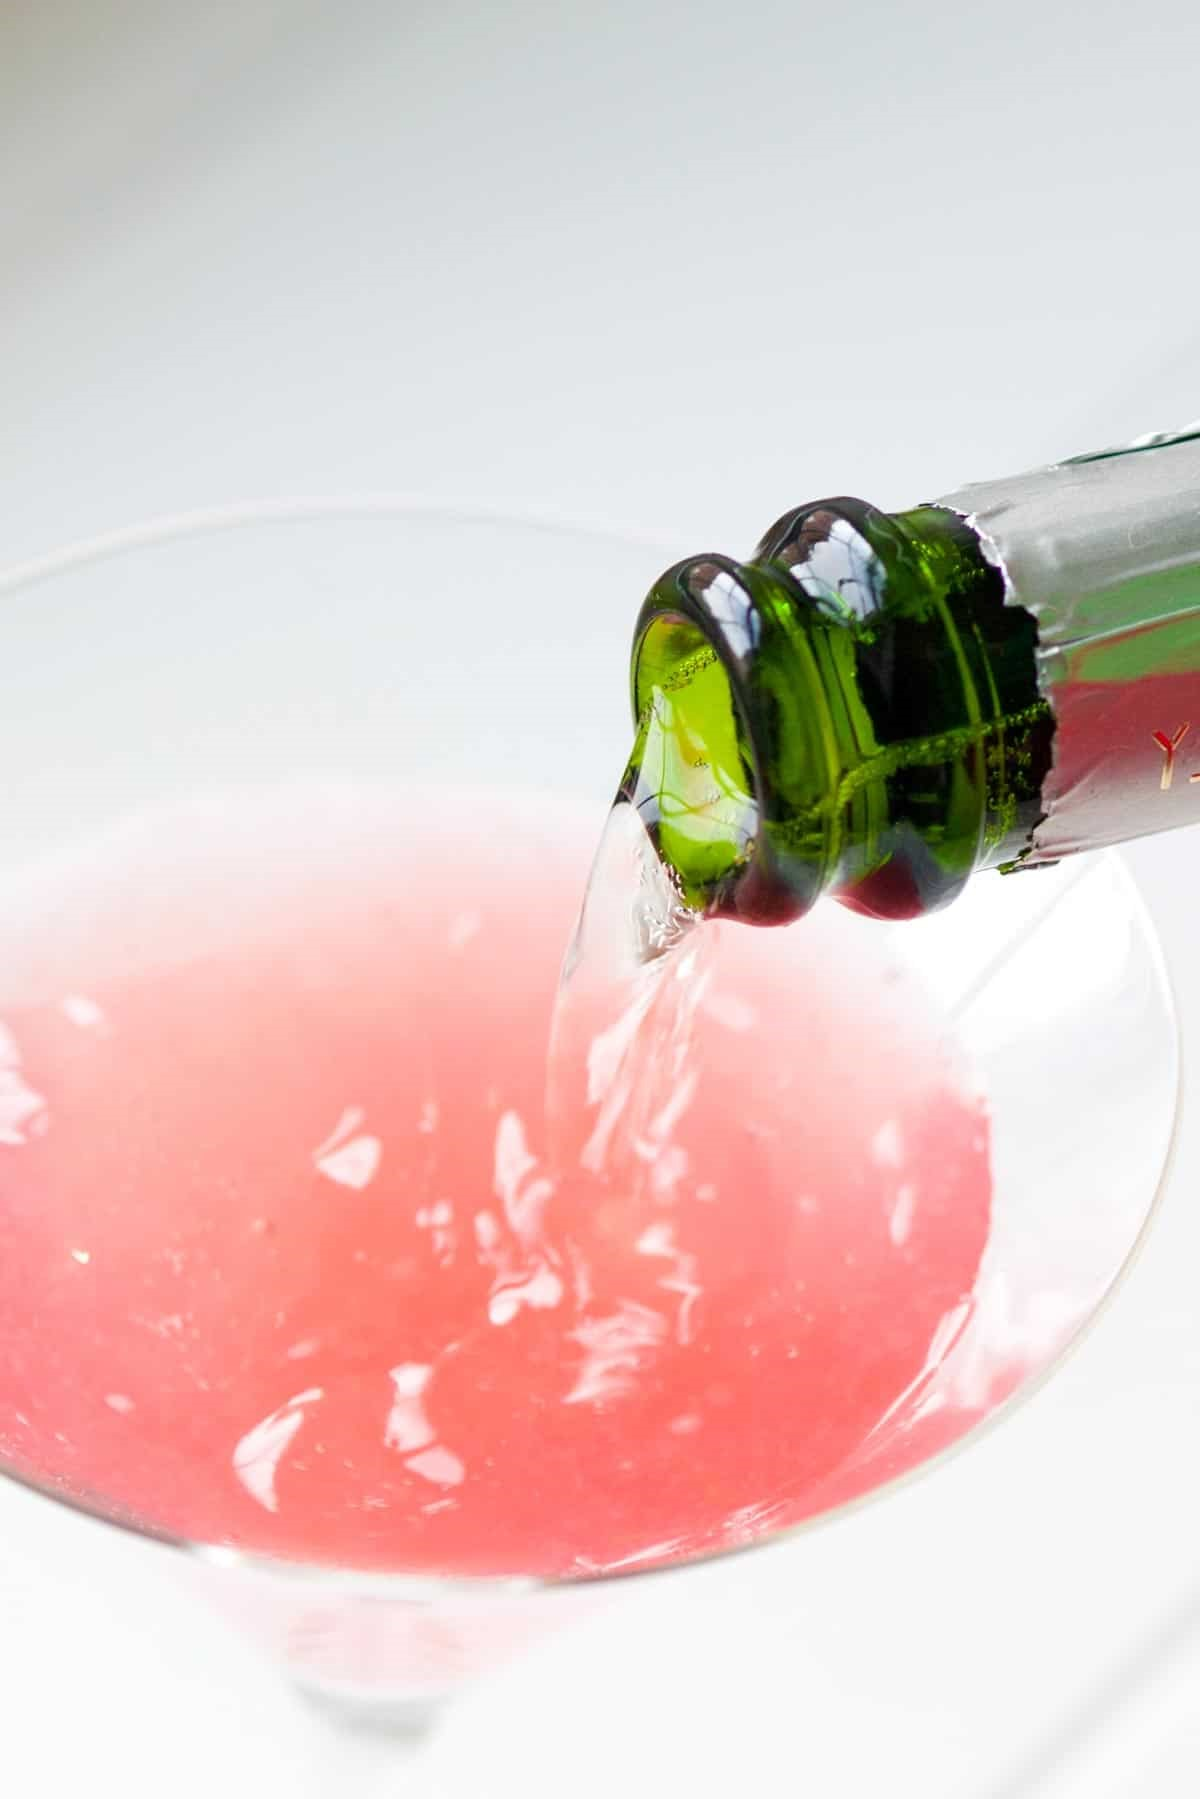 Vous aimez sec? Allez avec Brut, Extra Brut et Brut Nature ou Cava. Les vins secs sont parfaits pour accompagner les aliments.